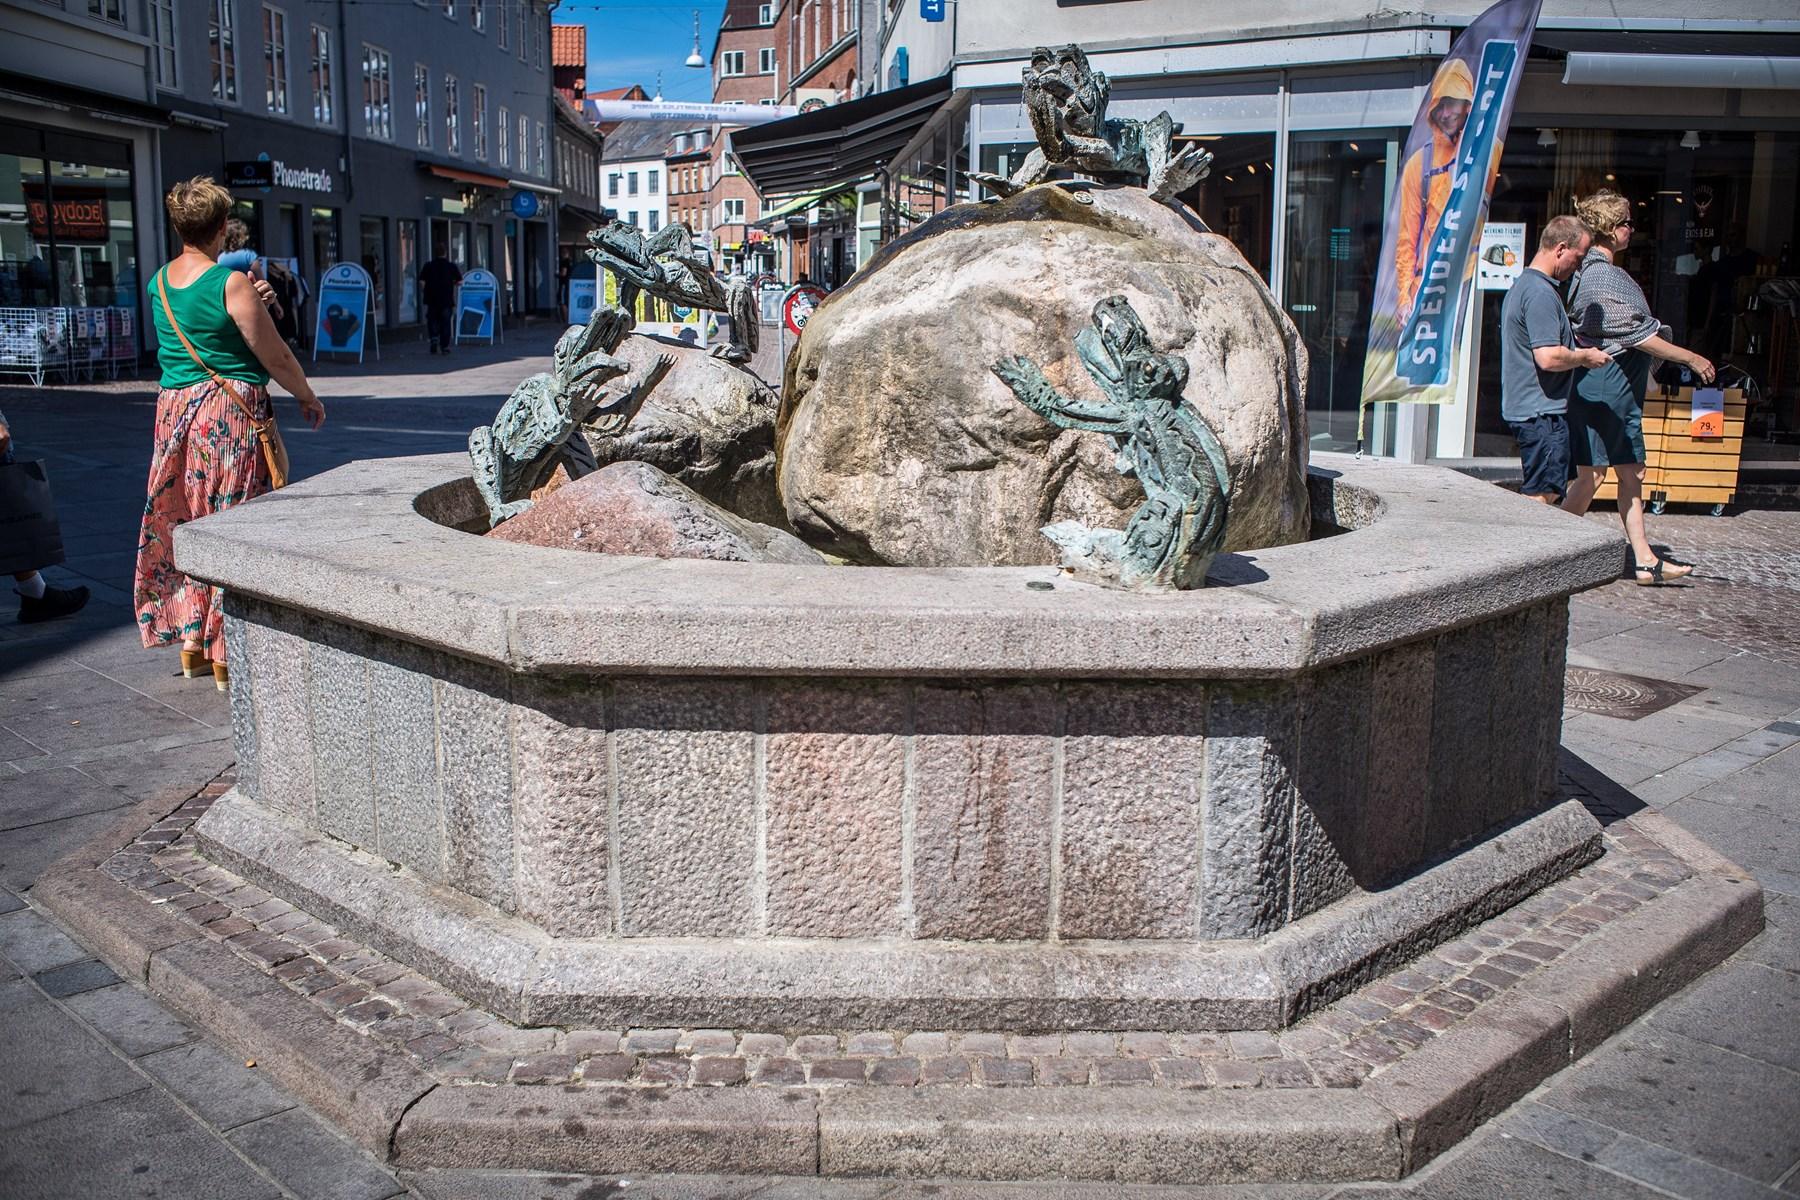 Vandkunsten Springtudser - i daglig tale ofte Frøspringvandet - i Bispensgade er udført af Aalborg-kunstneren Jørn Særker Sørensen.